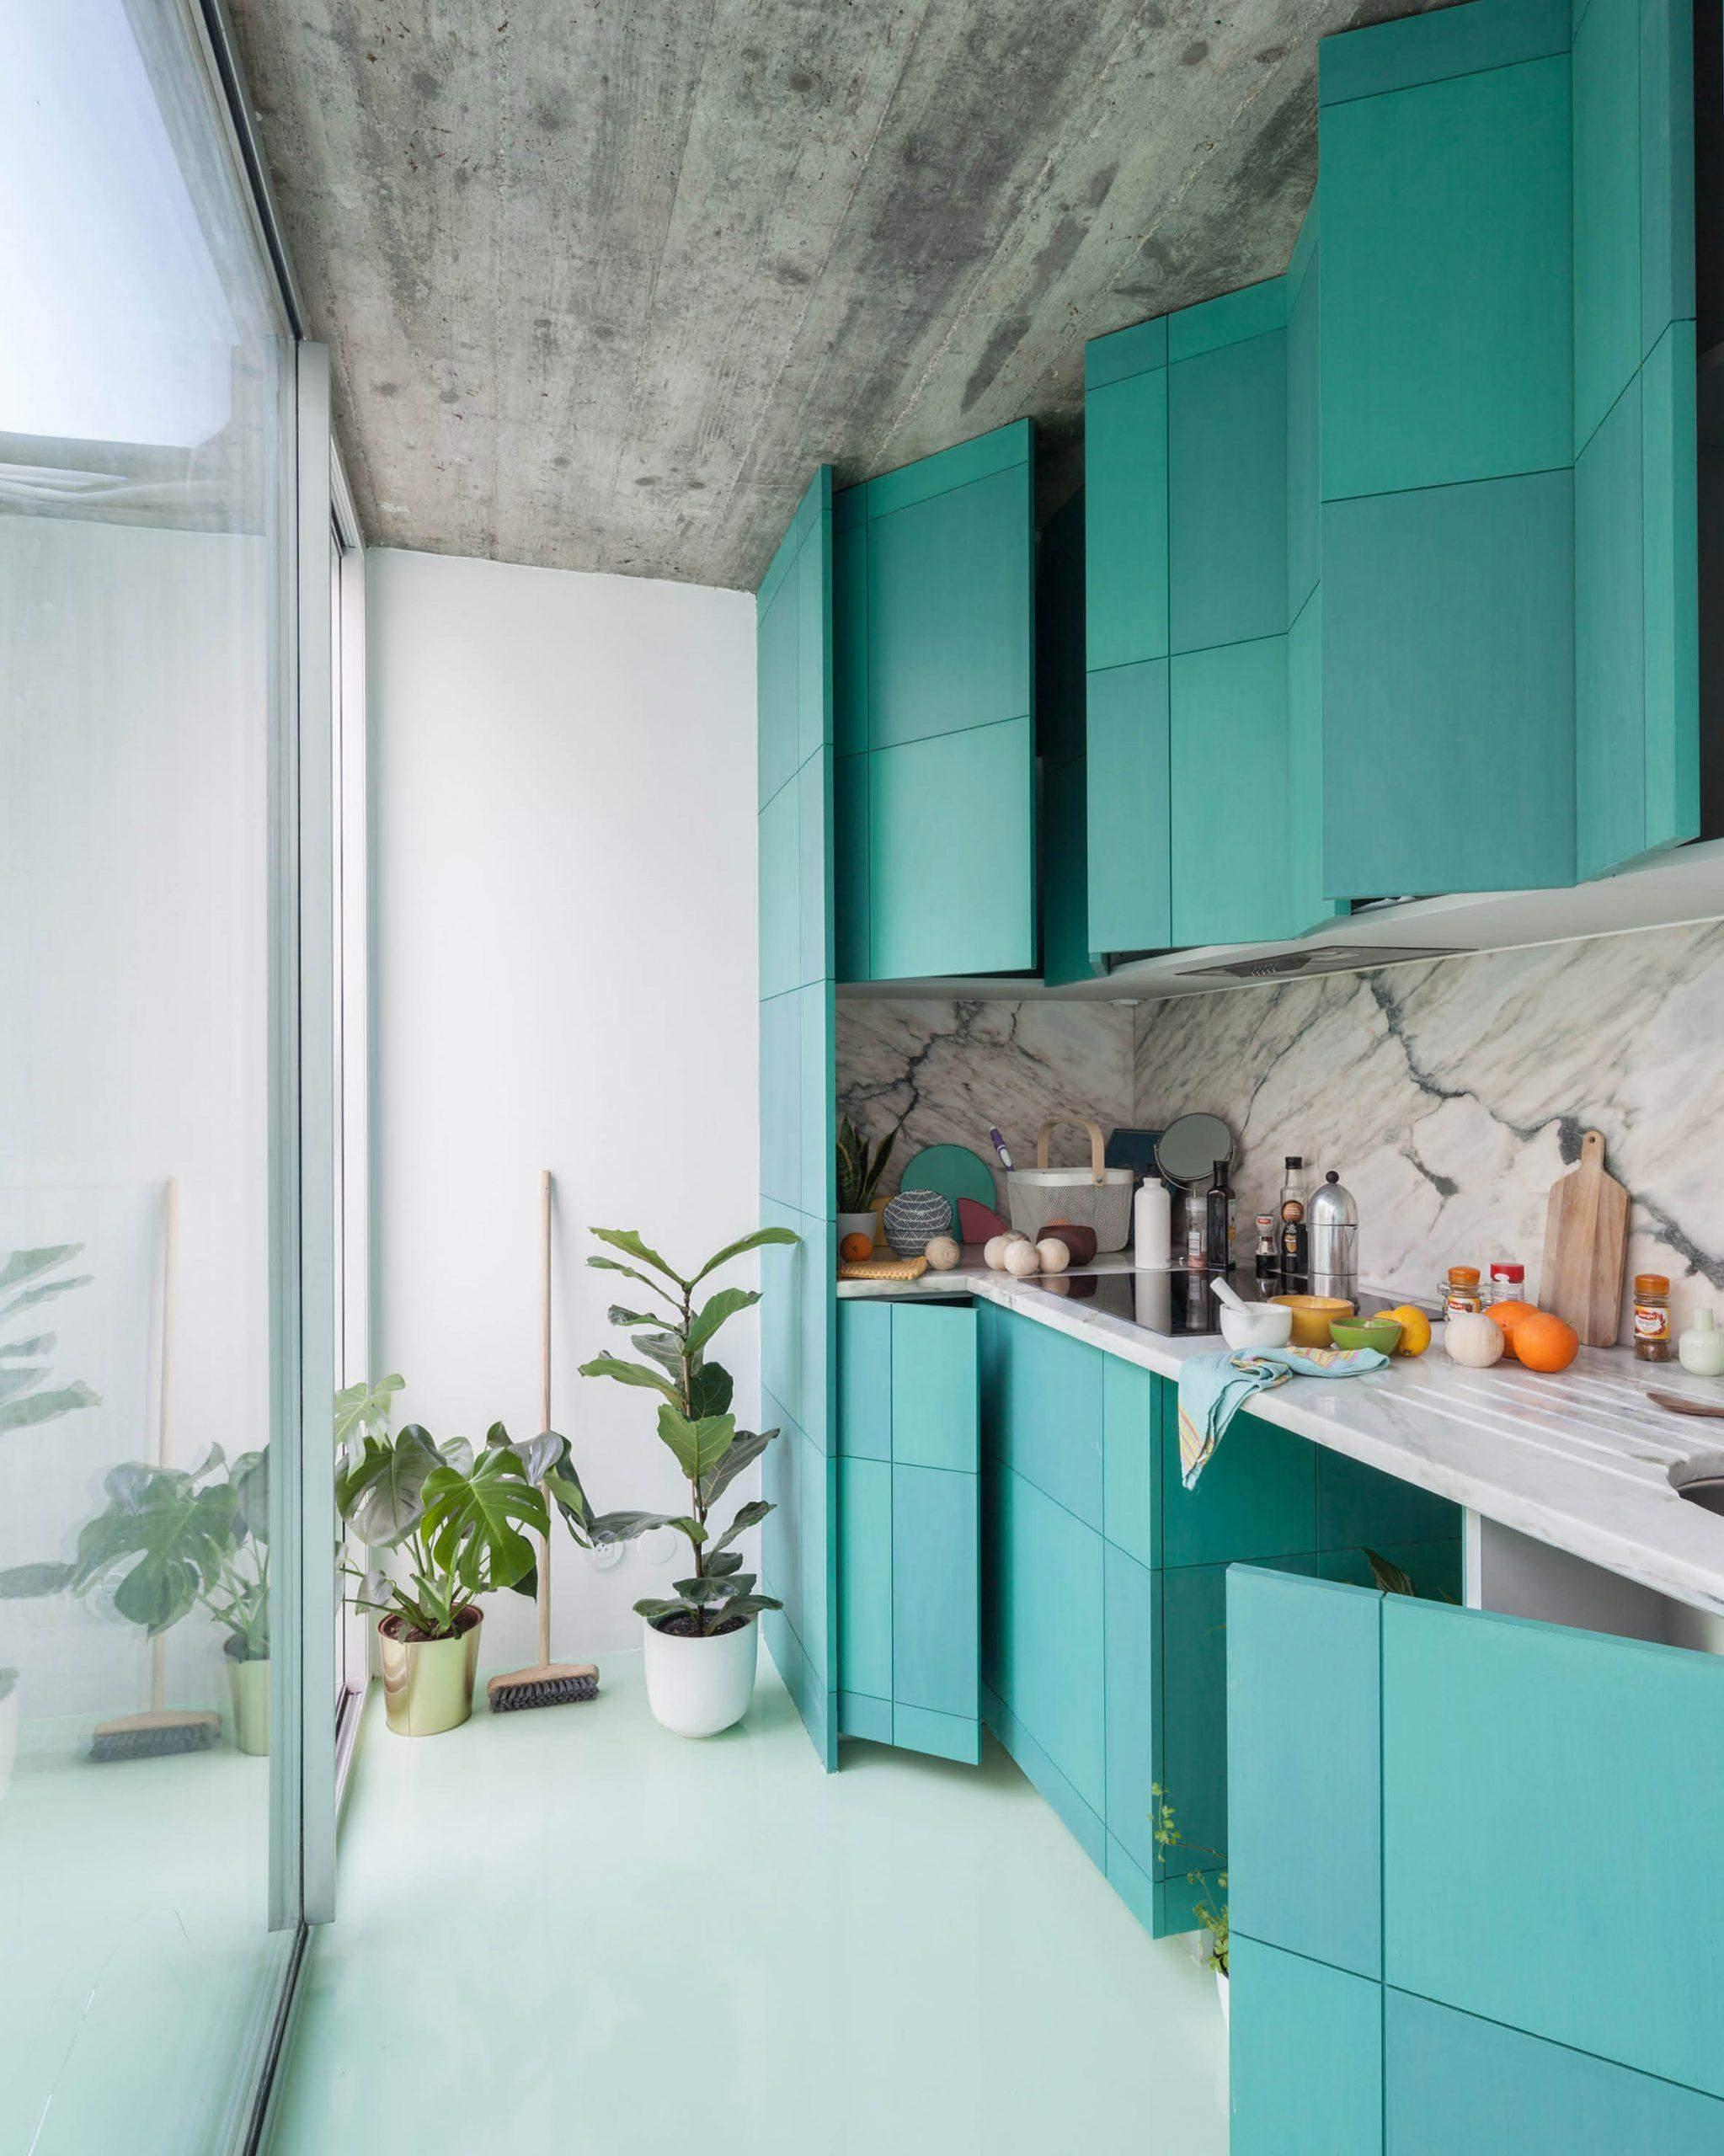 Зеленая кухня португальской квартире